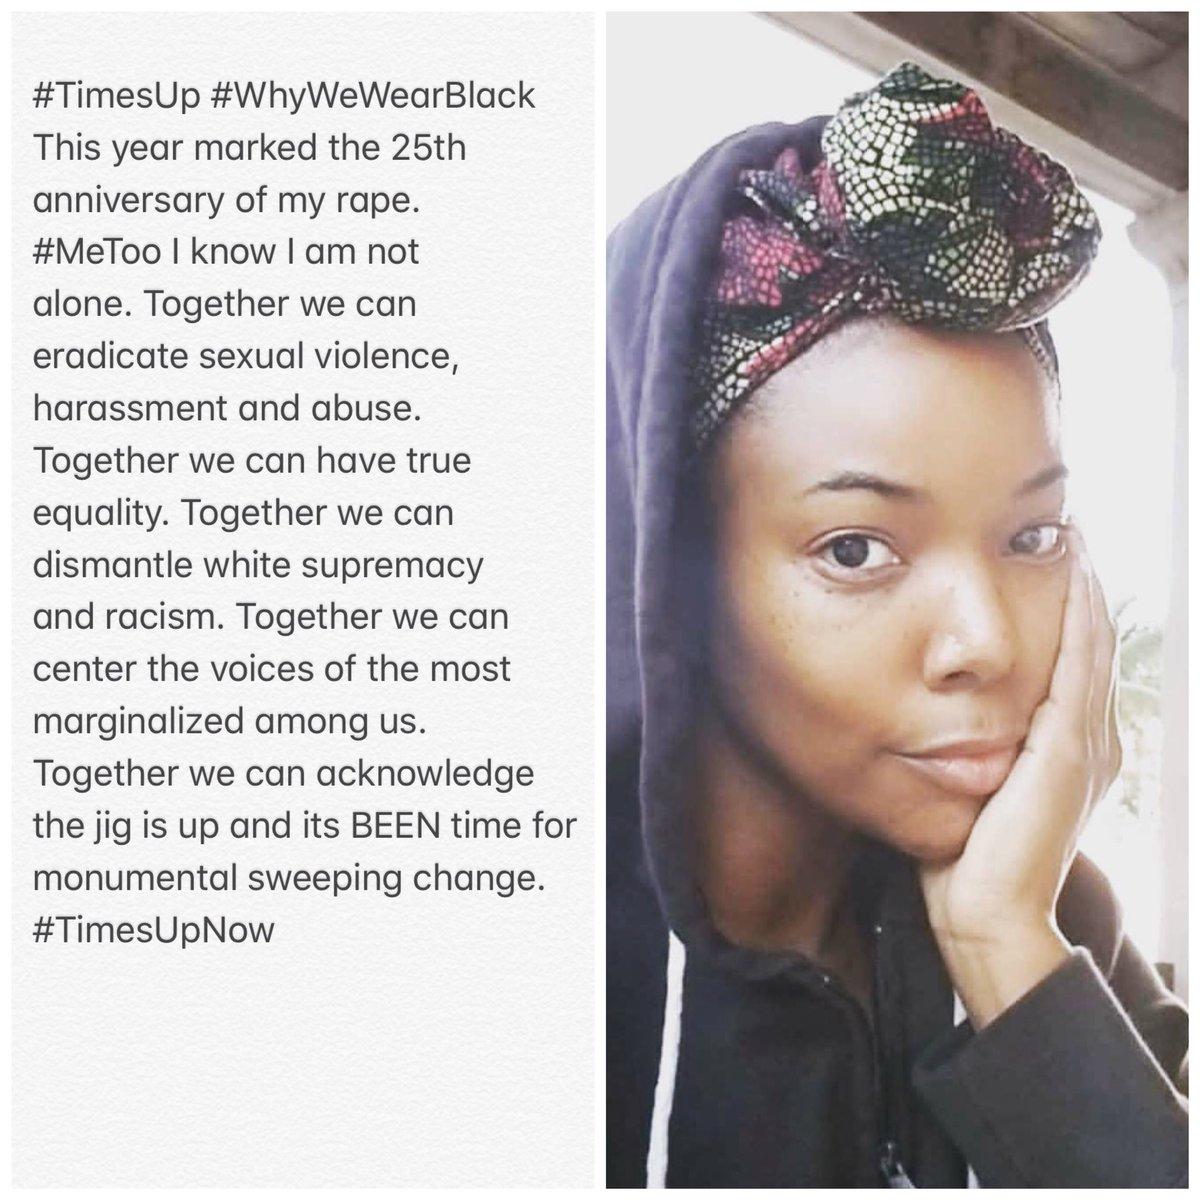 #TimesUp #WhyWeWearBlack https://t.co/POiqek9ofL